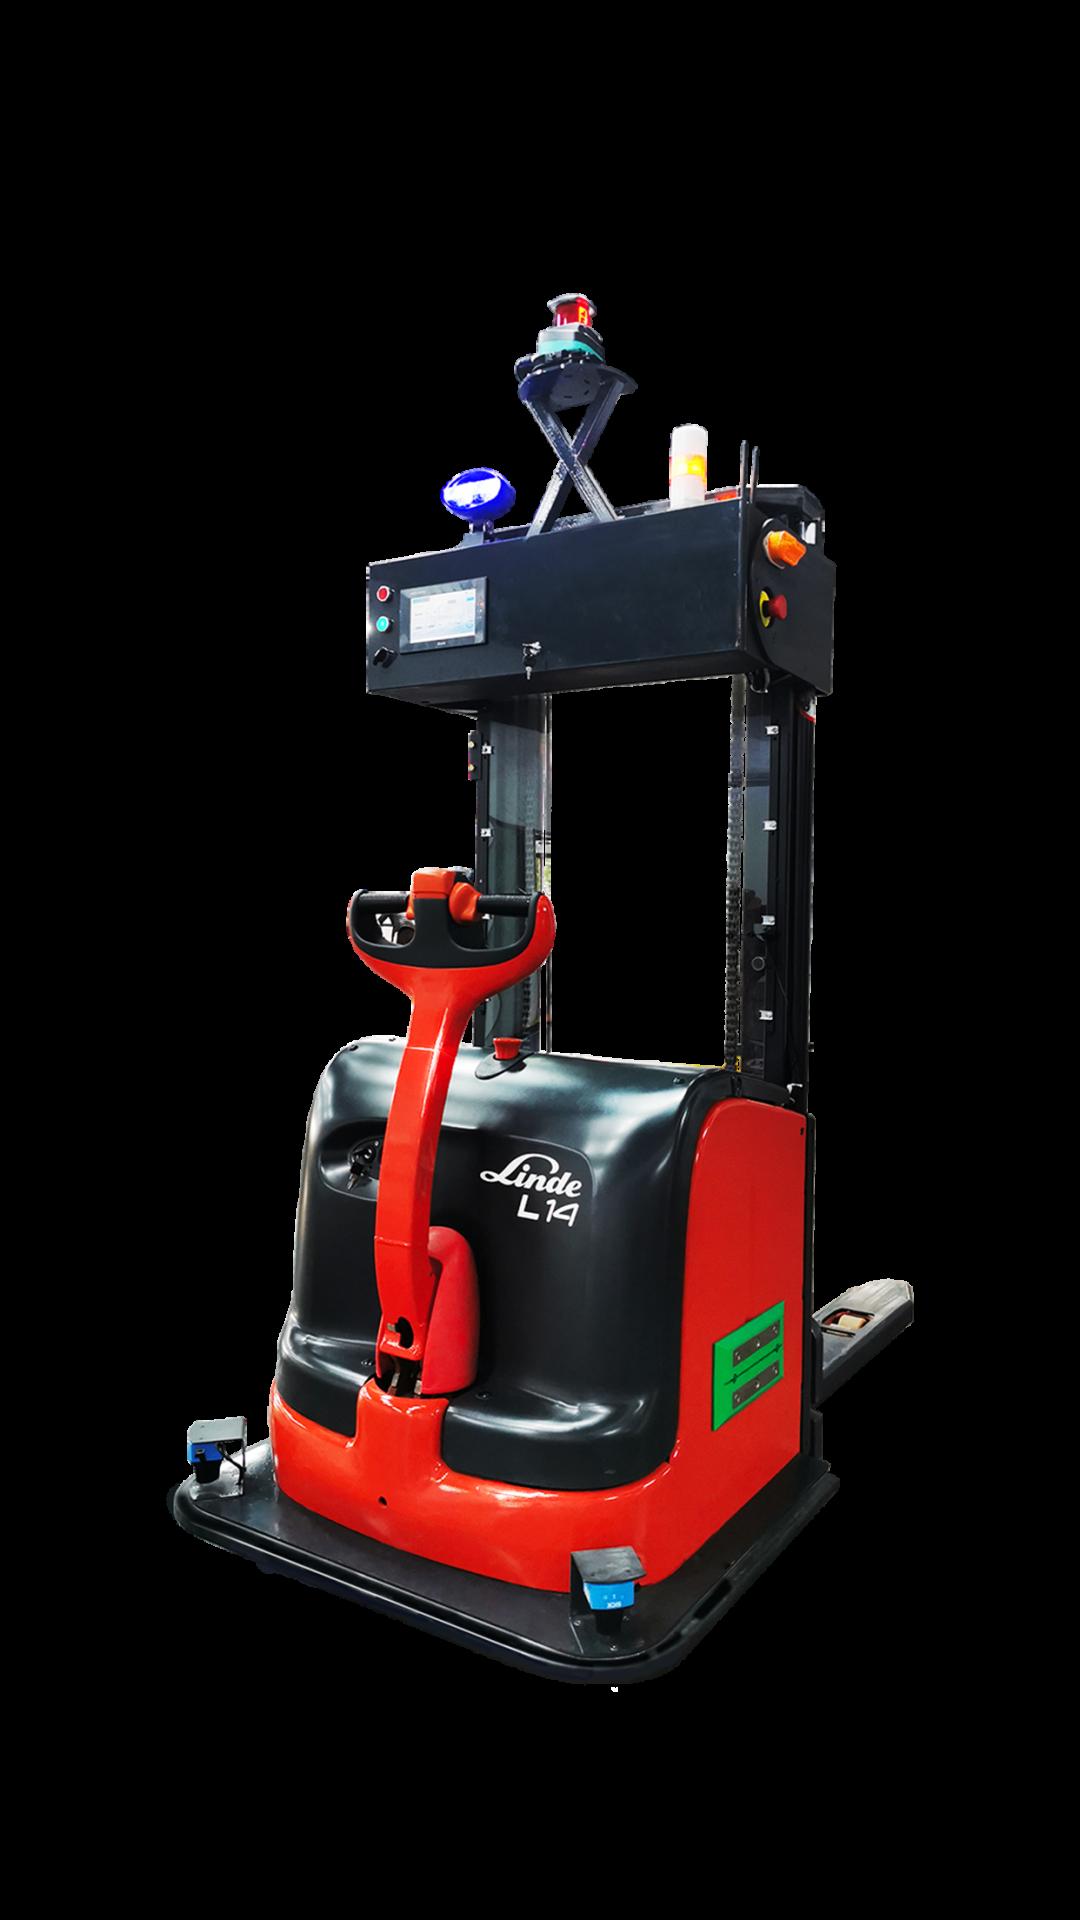 精选案例 | 基于SRC的激光SLAM自动叉车在工厂智能搬运中的应用